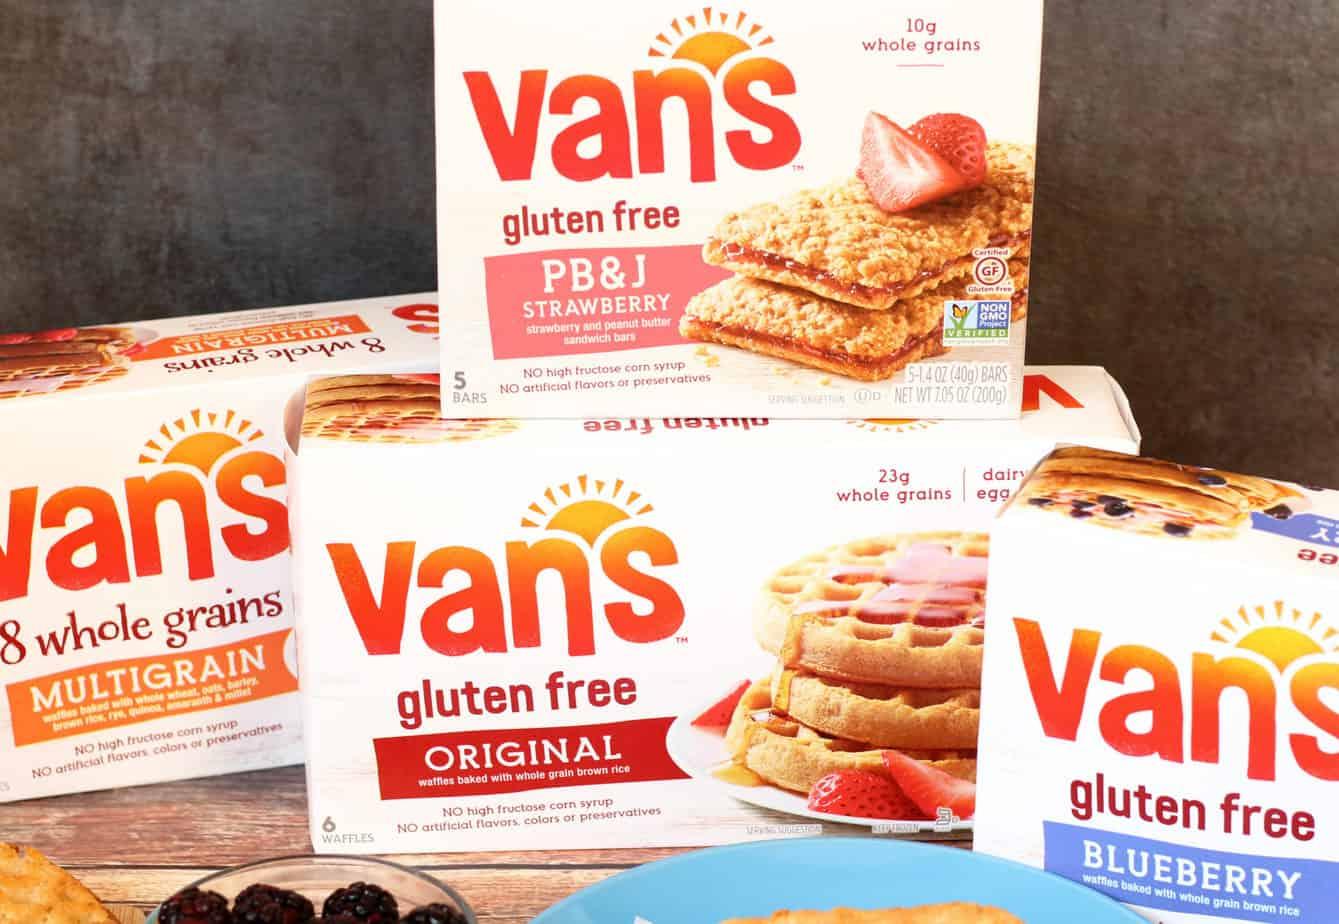 van's gluten free products